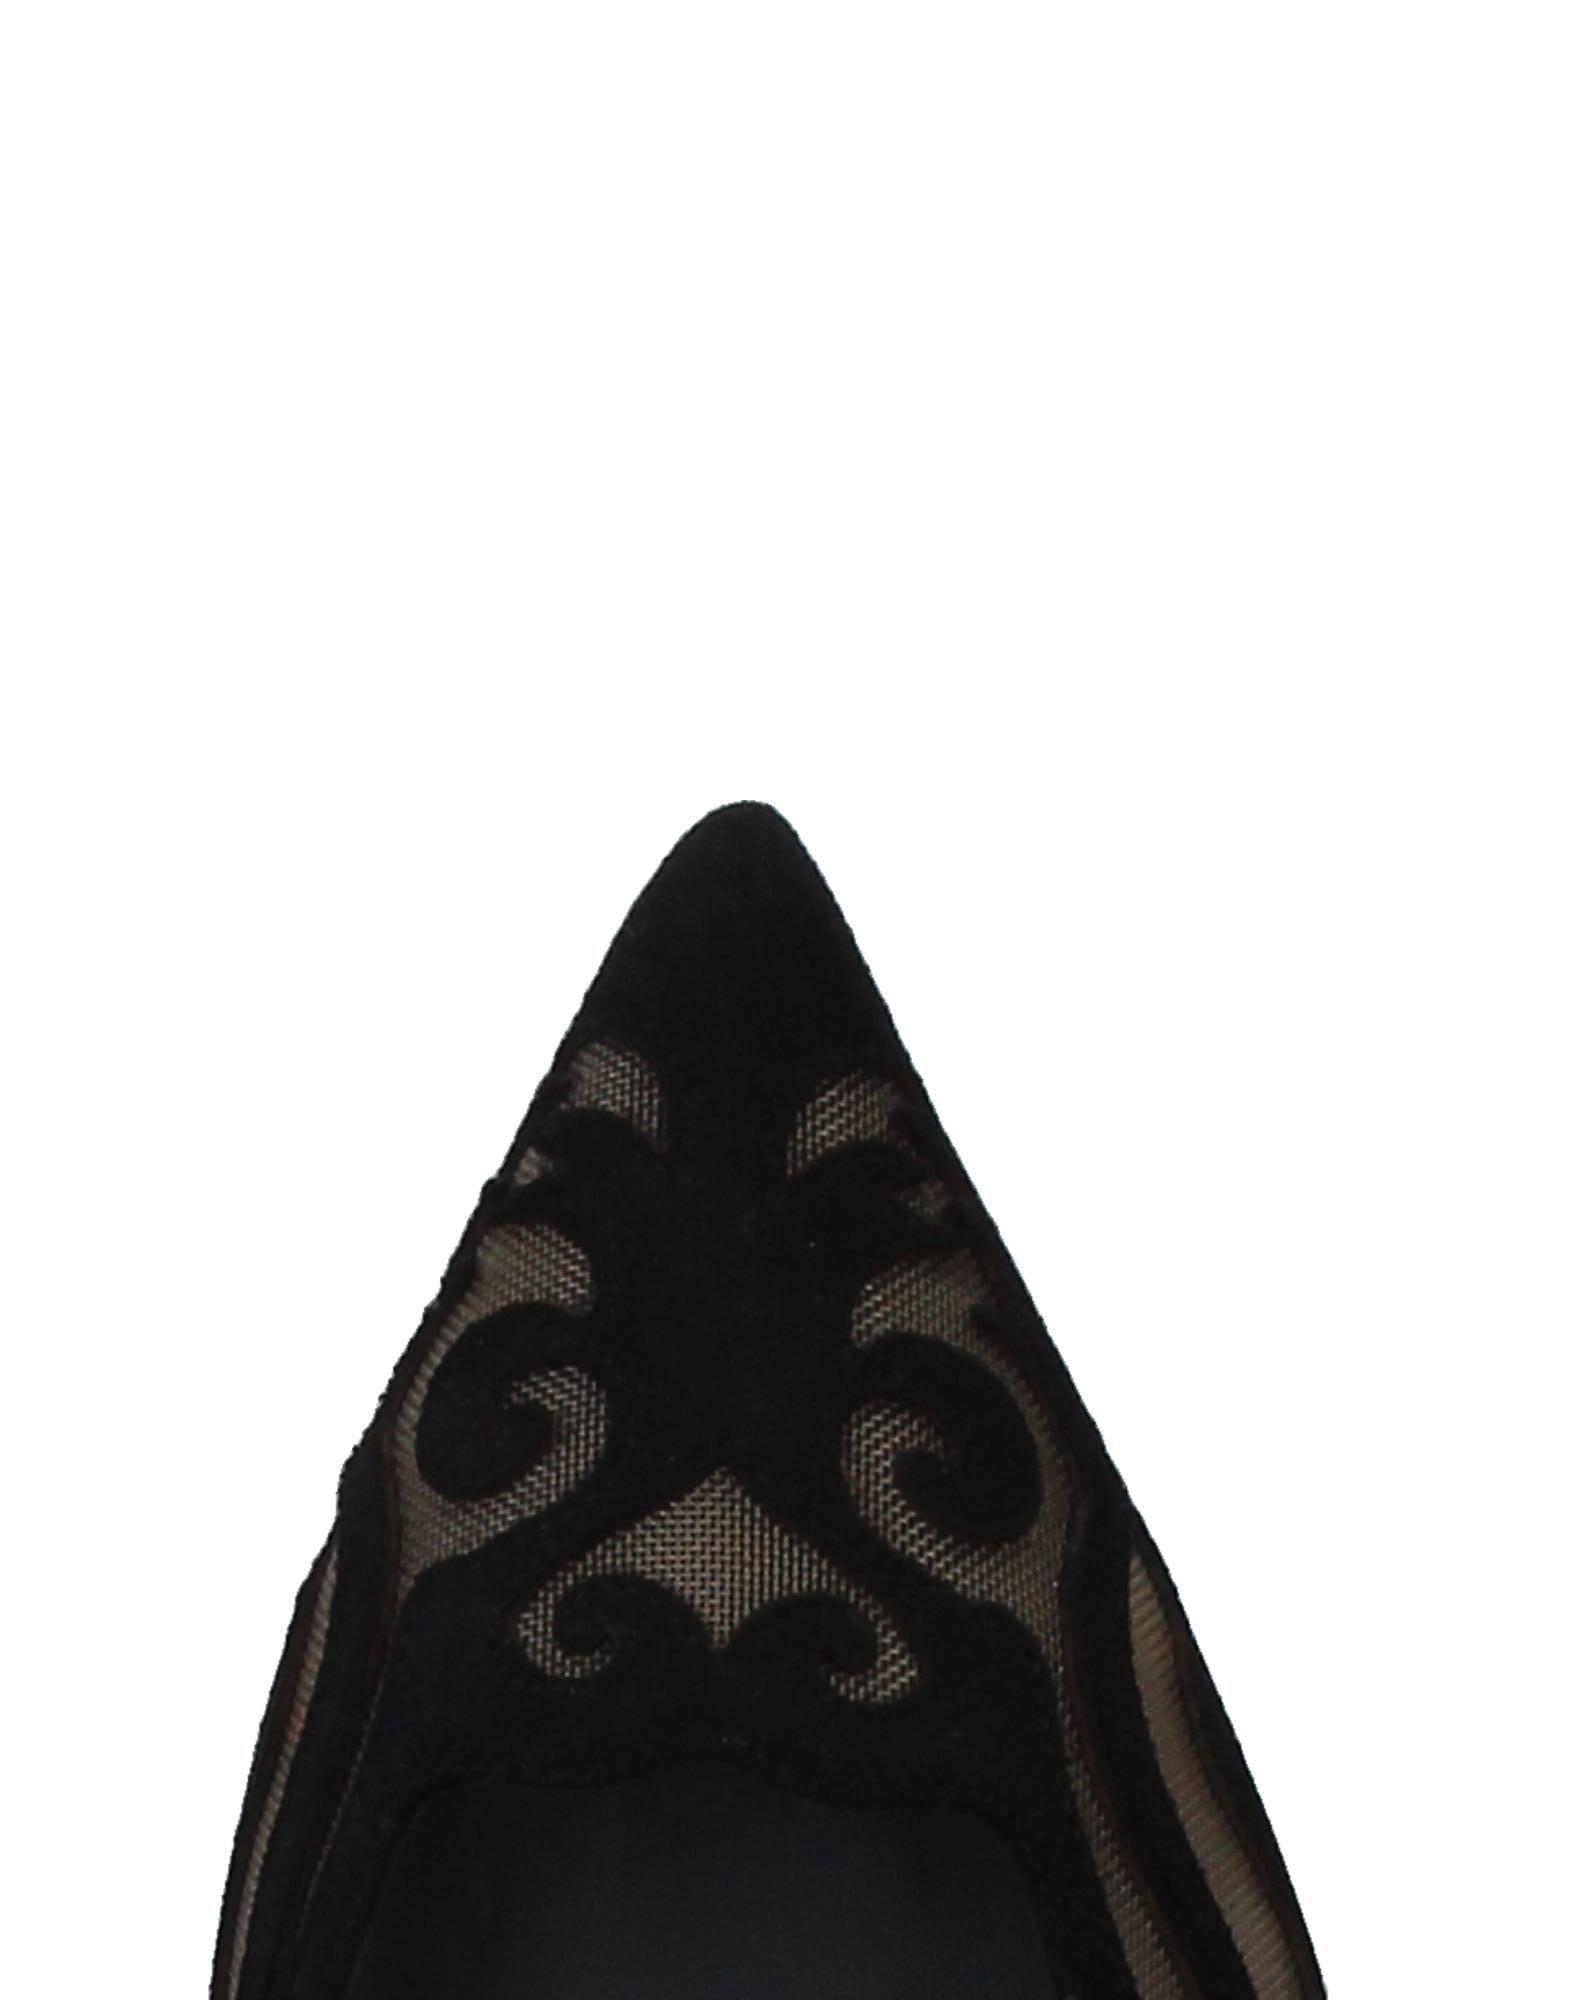 Rabatt Schuhe Rene' Caovilla Pumps Pumps Pumps Damen  11340138OJ 195534